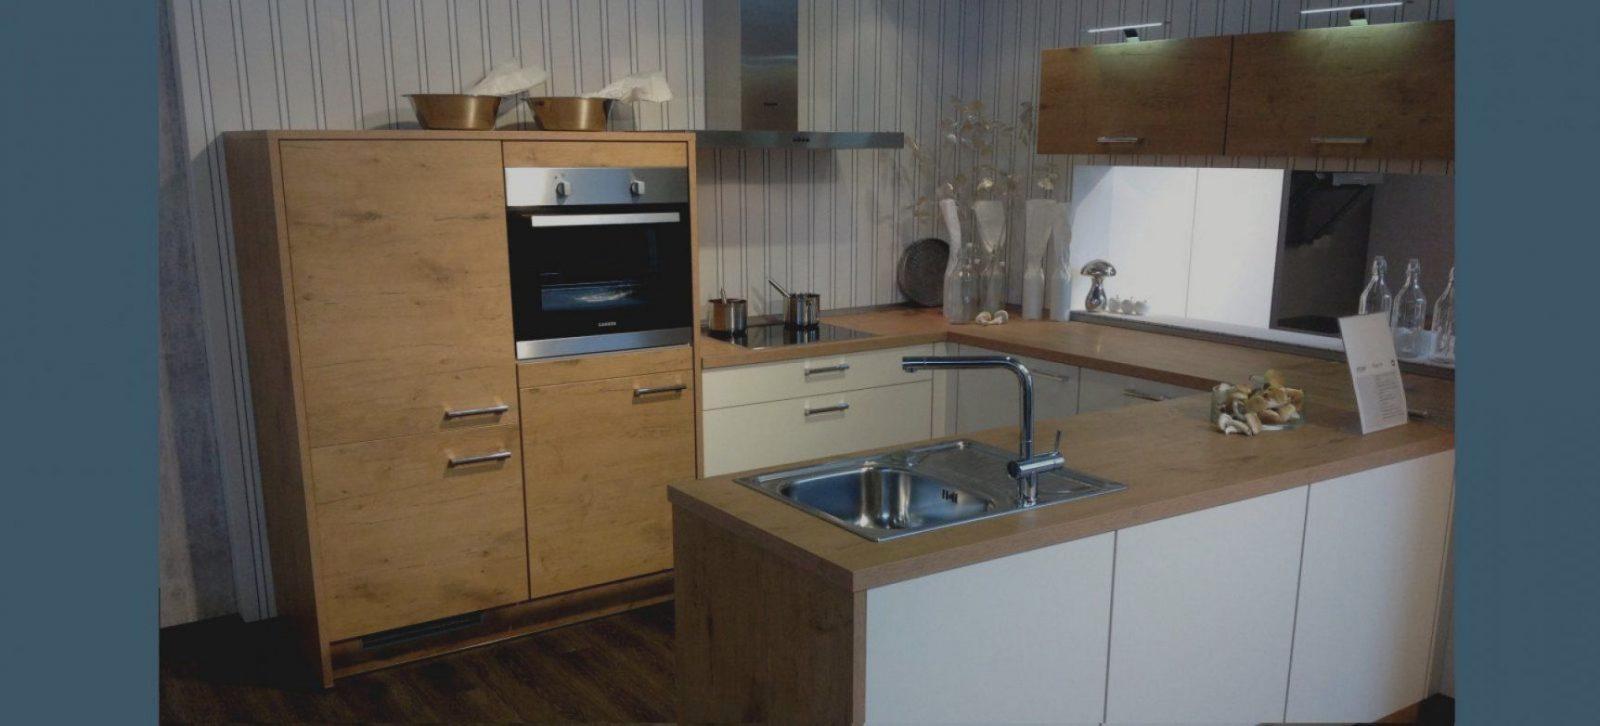 sch ne gebrauchte kuche kaufen k chen gebraucht neues. Black Bedroom Furniture Sets. Home Design Ideas